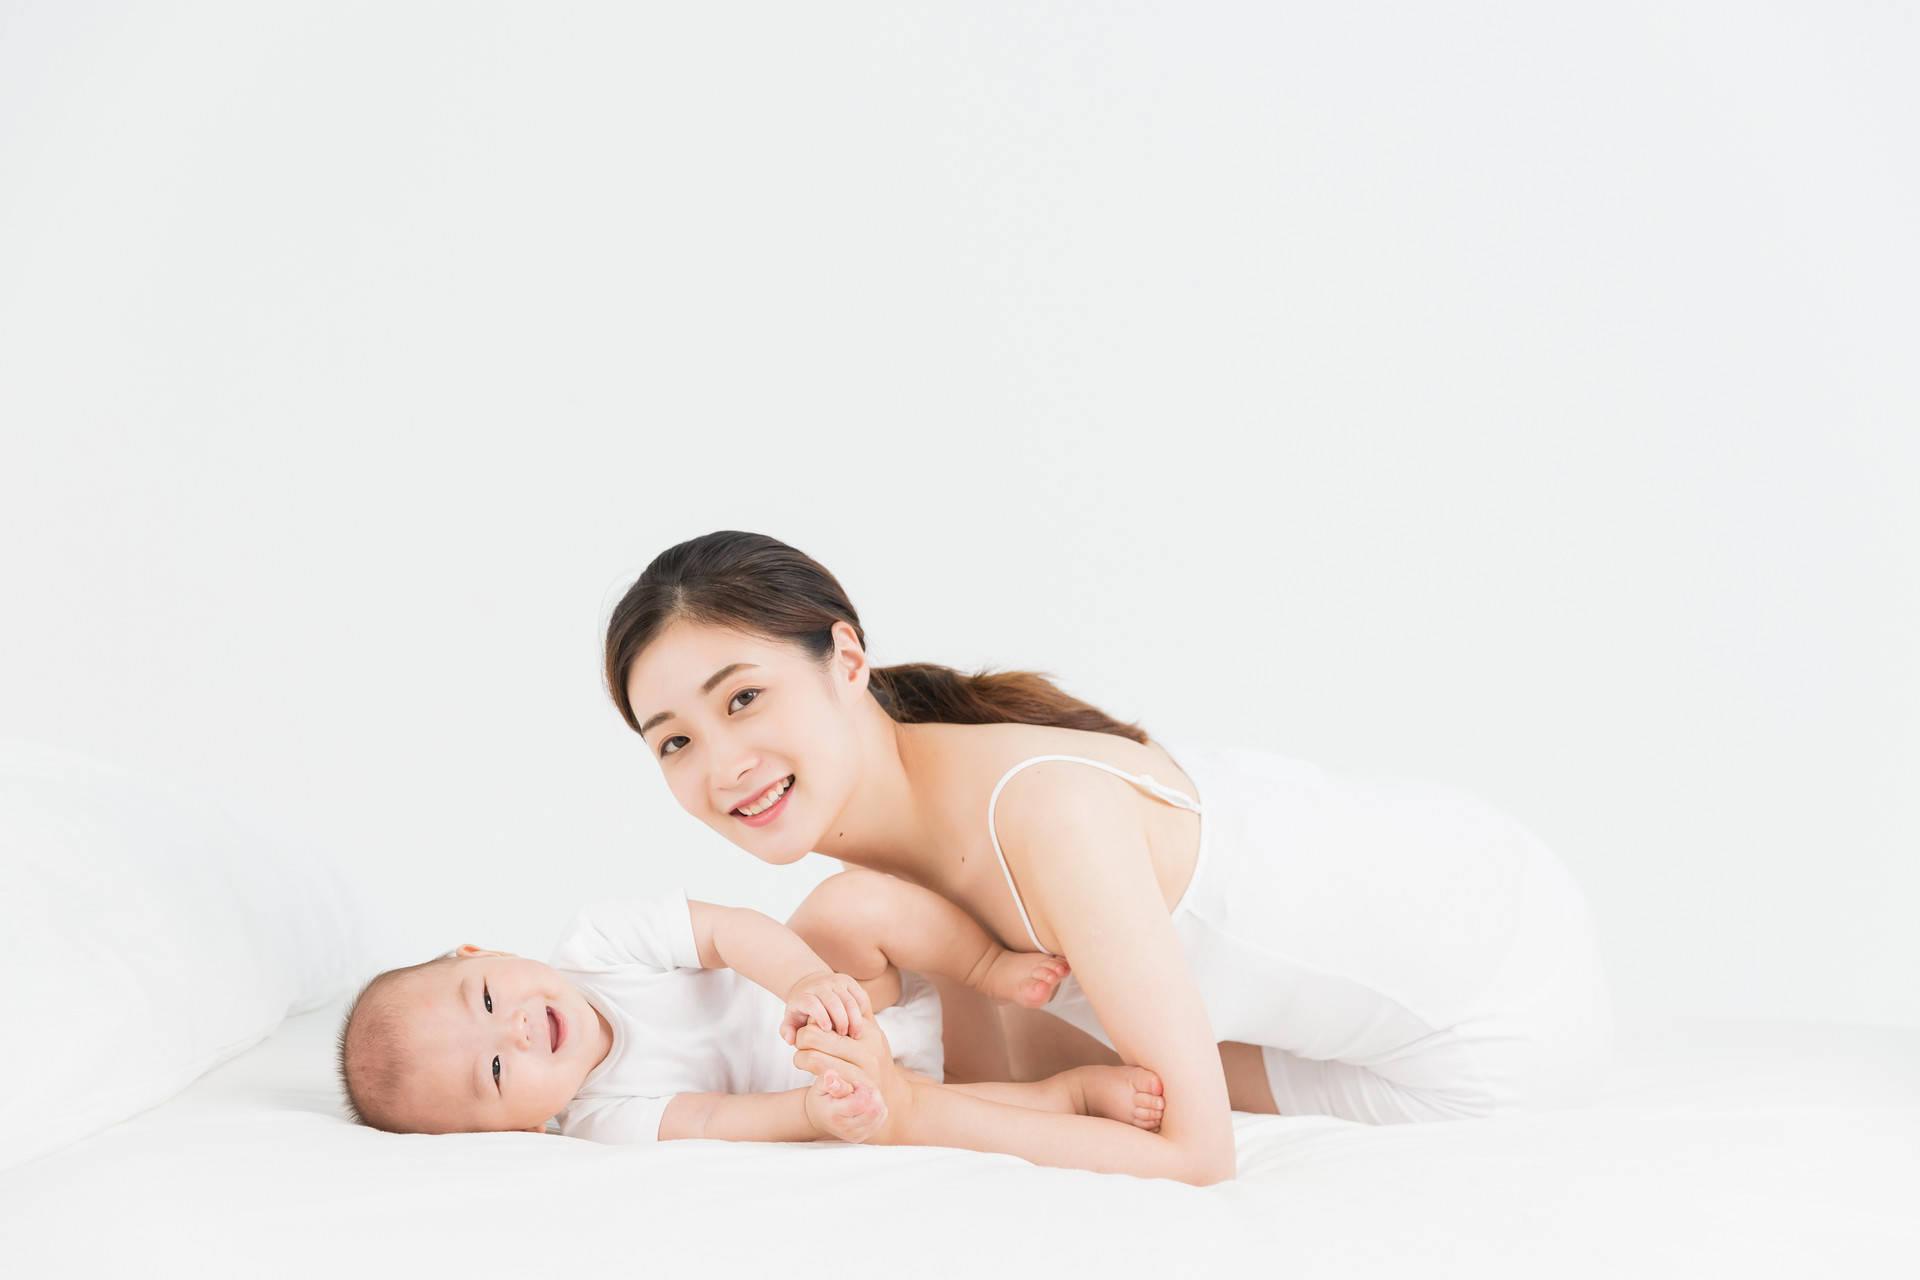 宝宝百天身体变化大,掌握四个养育要点,让孩子长得快少生病  第7张